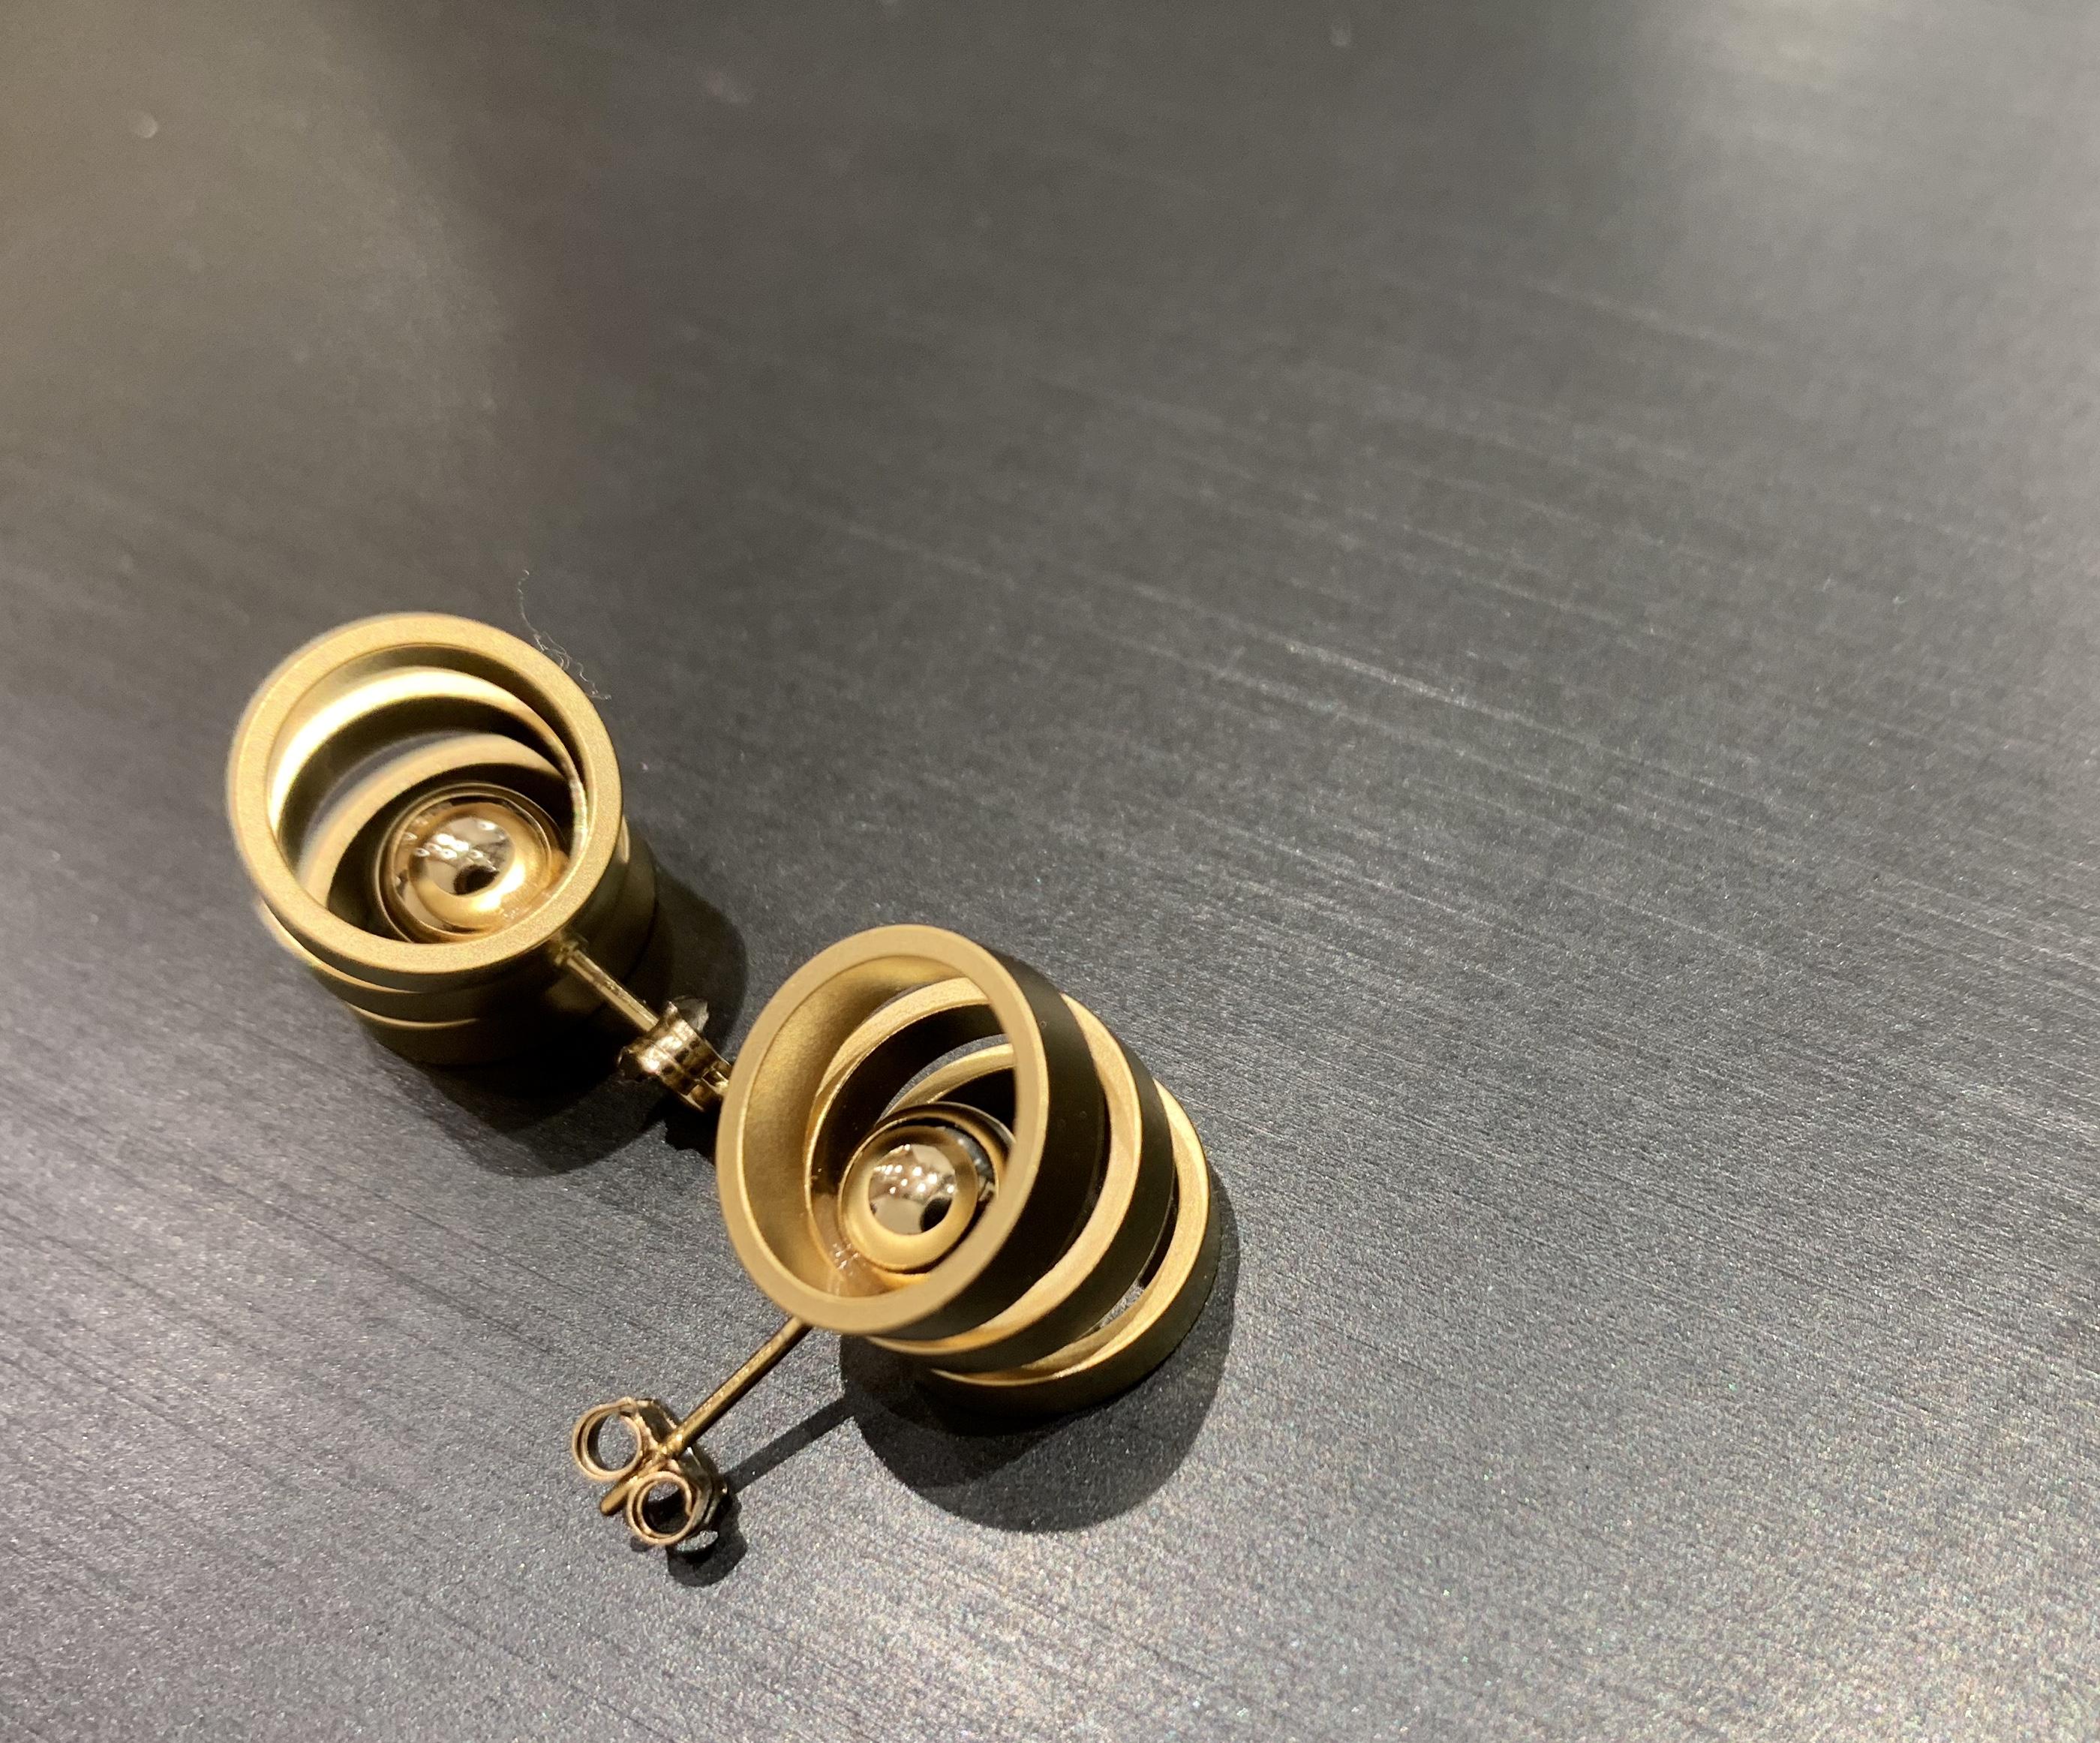 jour couture ジュールクチュールScrap Book スクラップブック 有楽町マルイ 可愛い ピアス Pierce イヤリング earring リング ring 日本ブランド 14金ゴールドフィールド Perl パール gold ゴールド 合わせやすい デザイン性